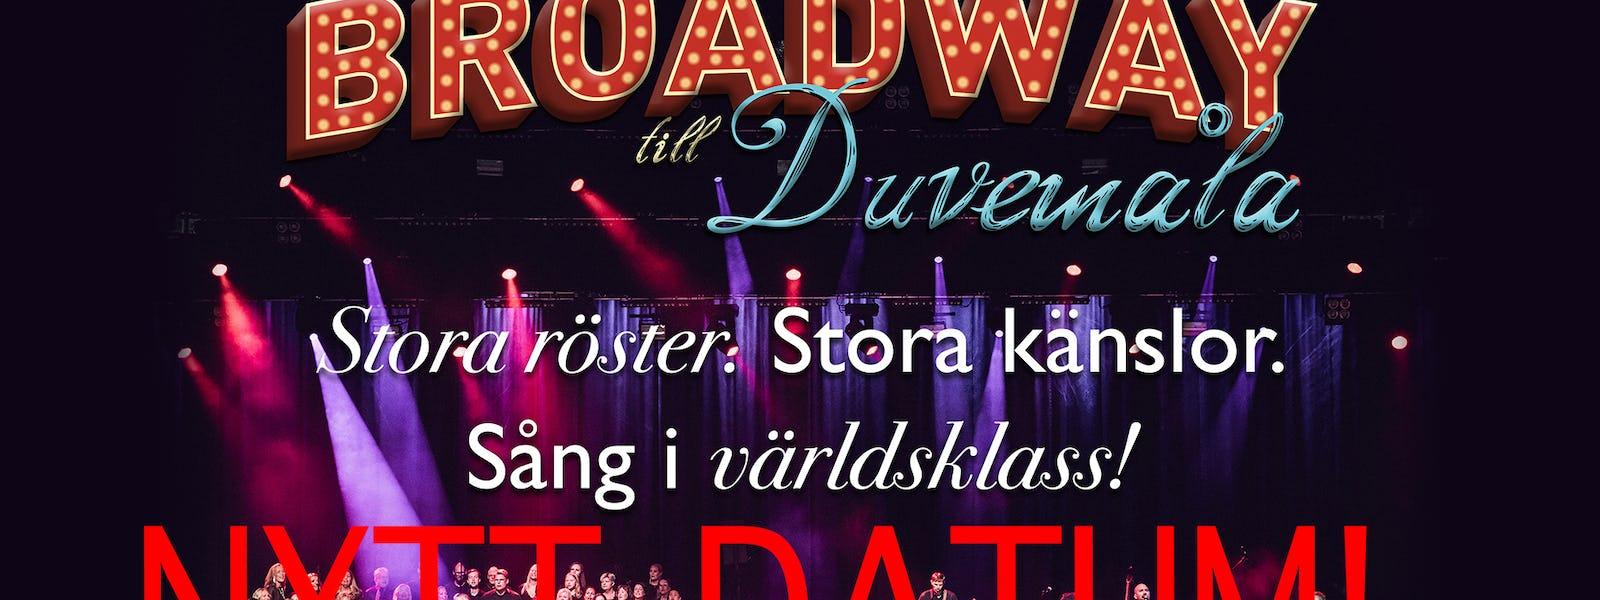 Bild - Från Broadway till Duvemåla, kl. 15.00 | FRAMFLYTTAD